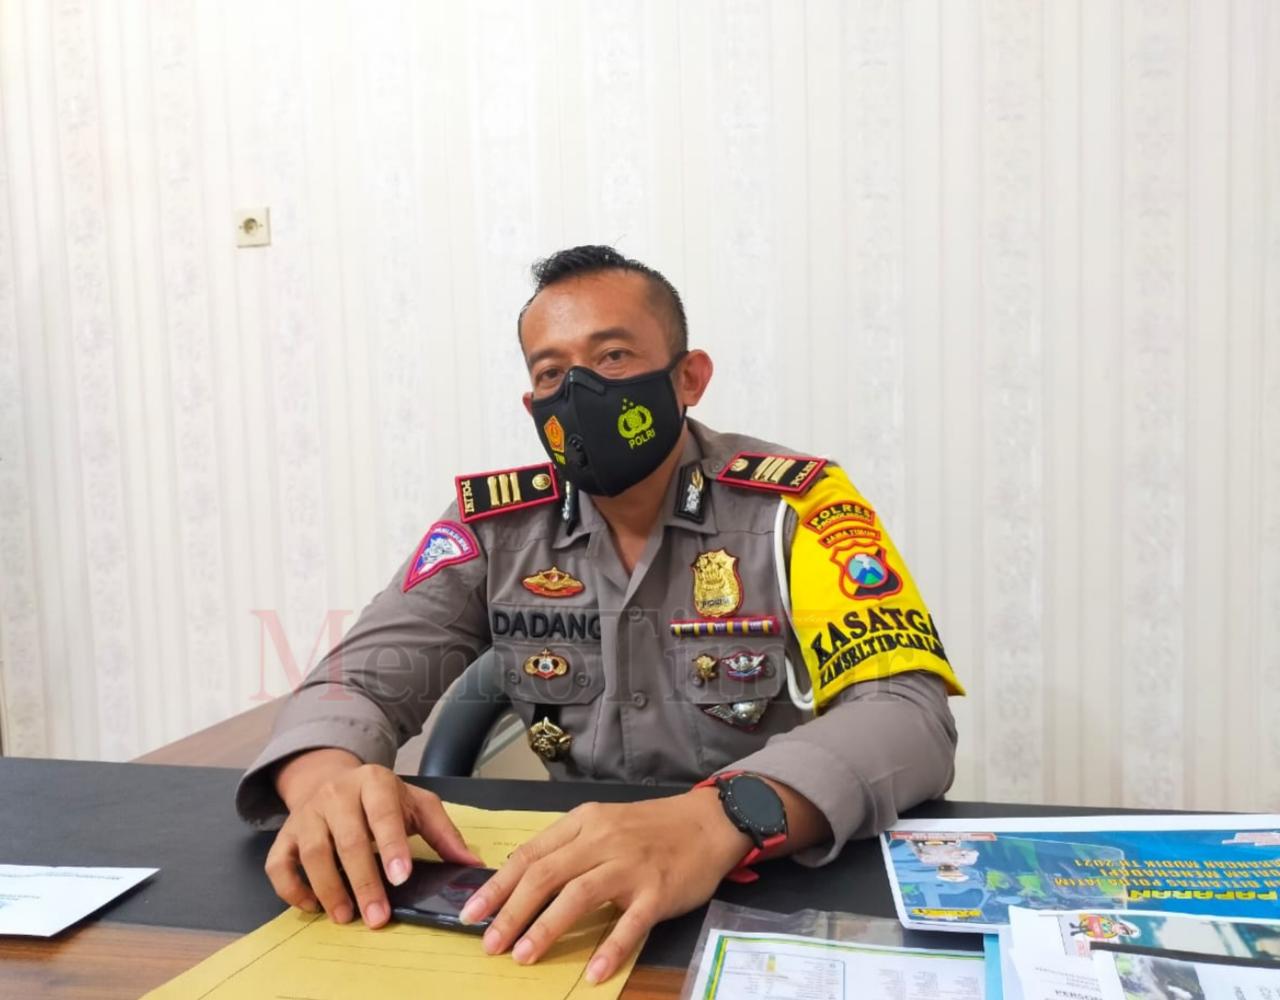 Antisipasi Pemudik, Polres Probolinggo Akan Lakukan Penyekatan Jalur di 2 Titik